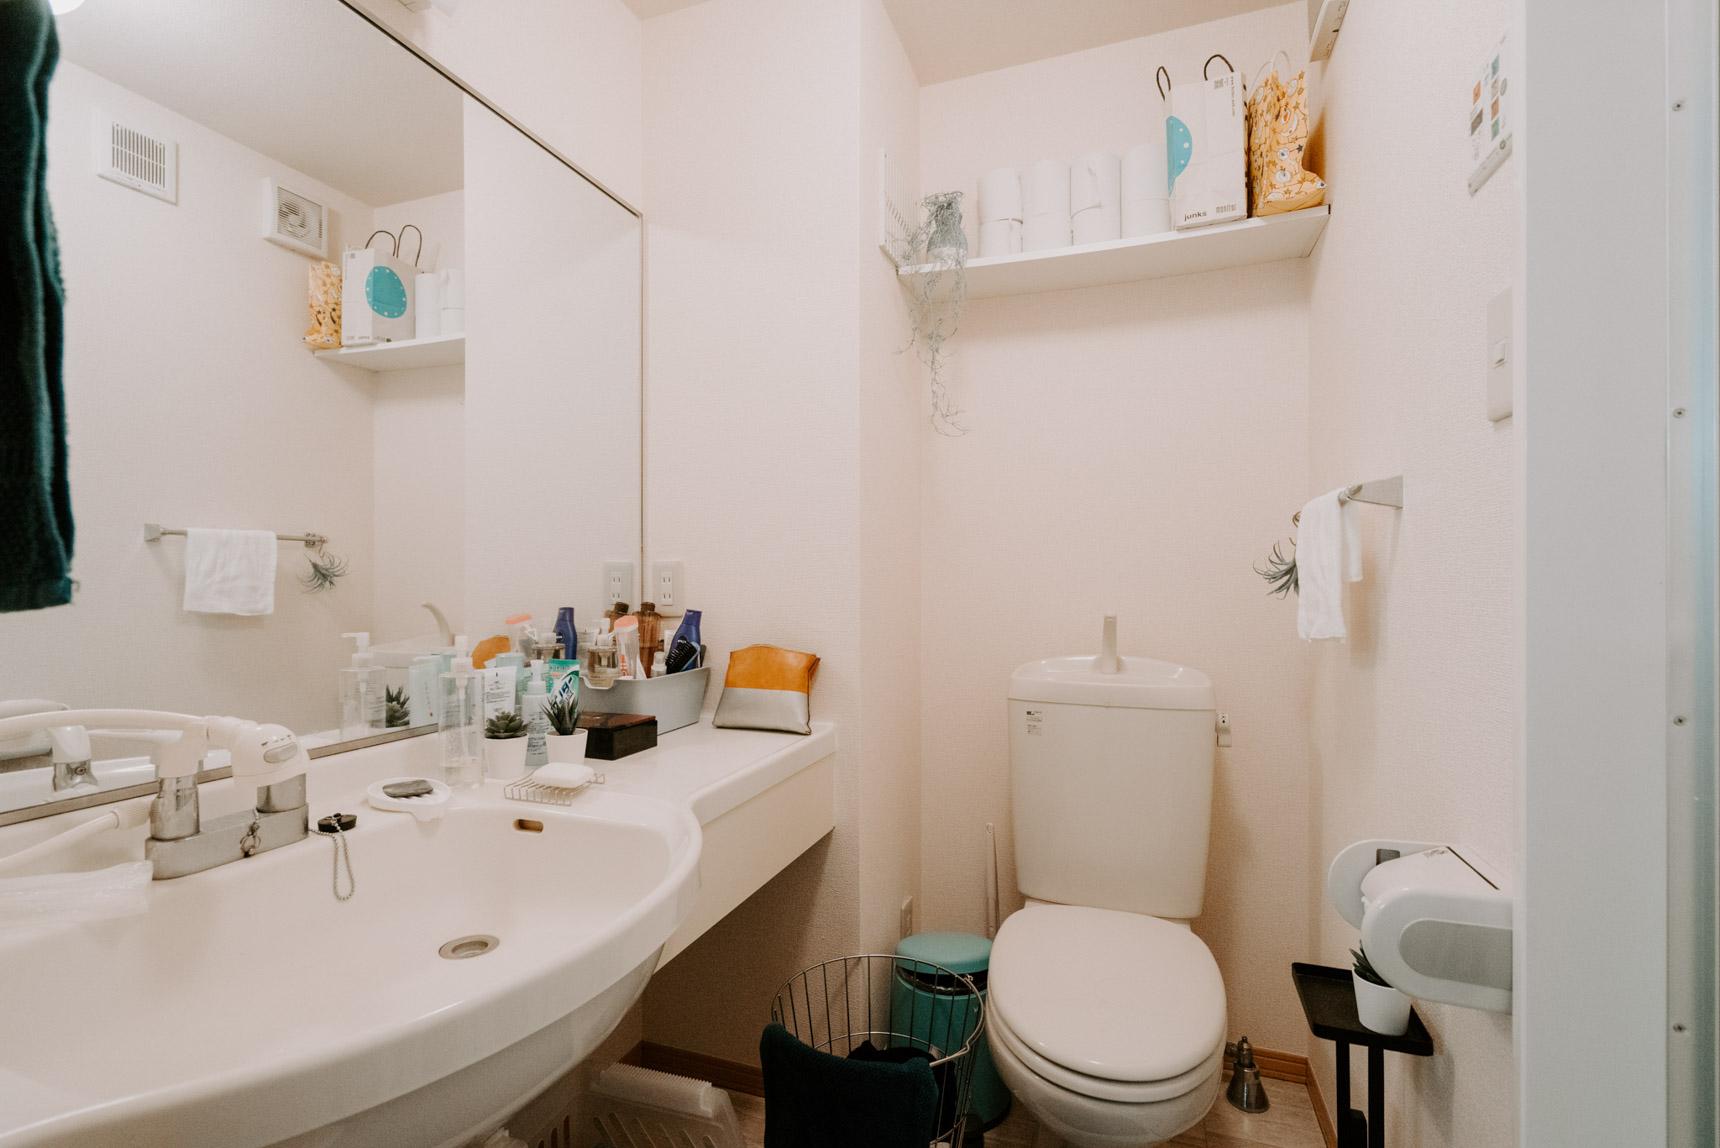 バストイレはセパレートで、洗面台の鏡がとても大きくてまるでホテルのよう!一見、普通に見えるけど、とても暮らしやすそうな間取りのお部屋でした。上手にお部屋探しされていますね。